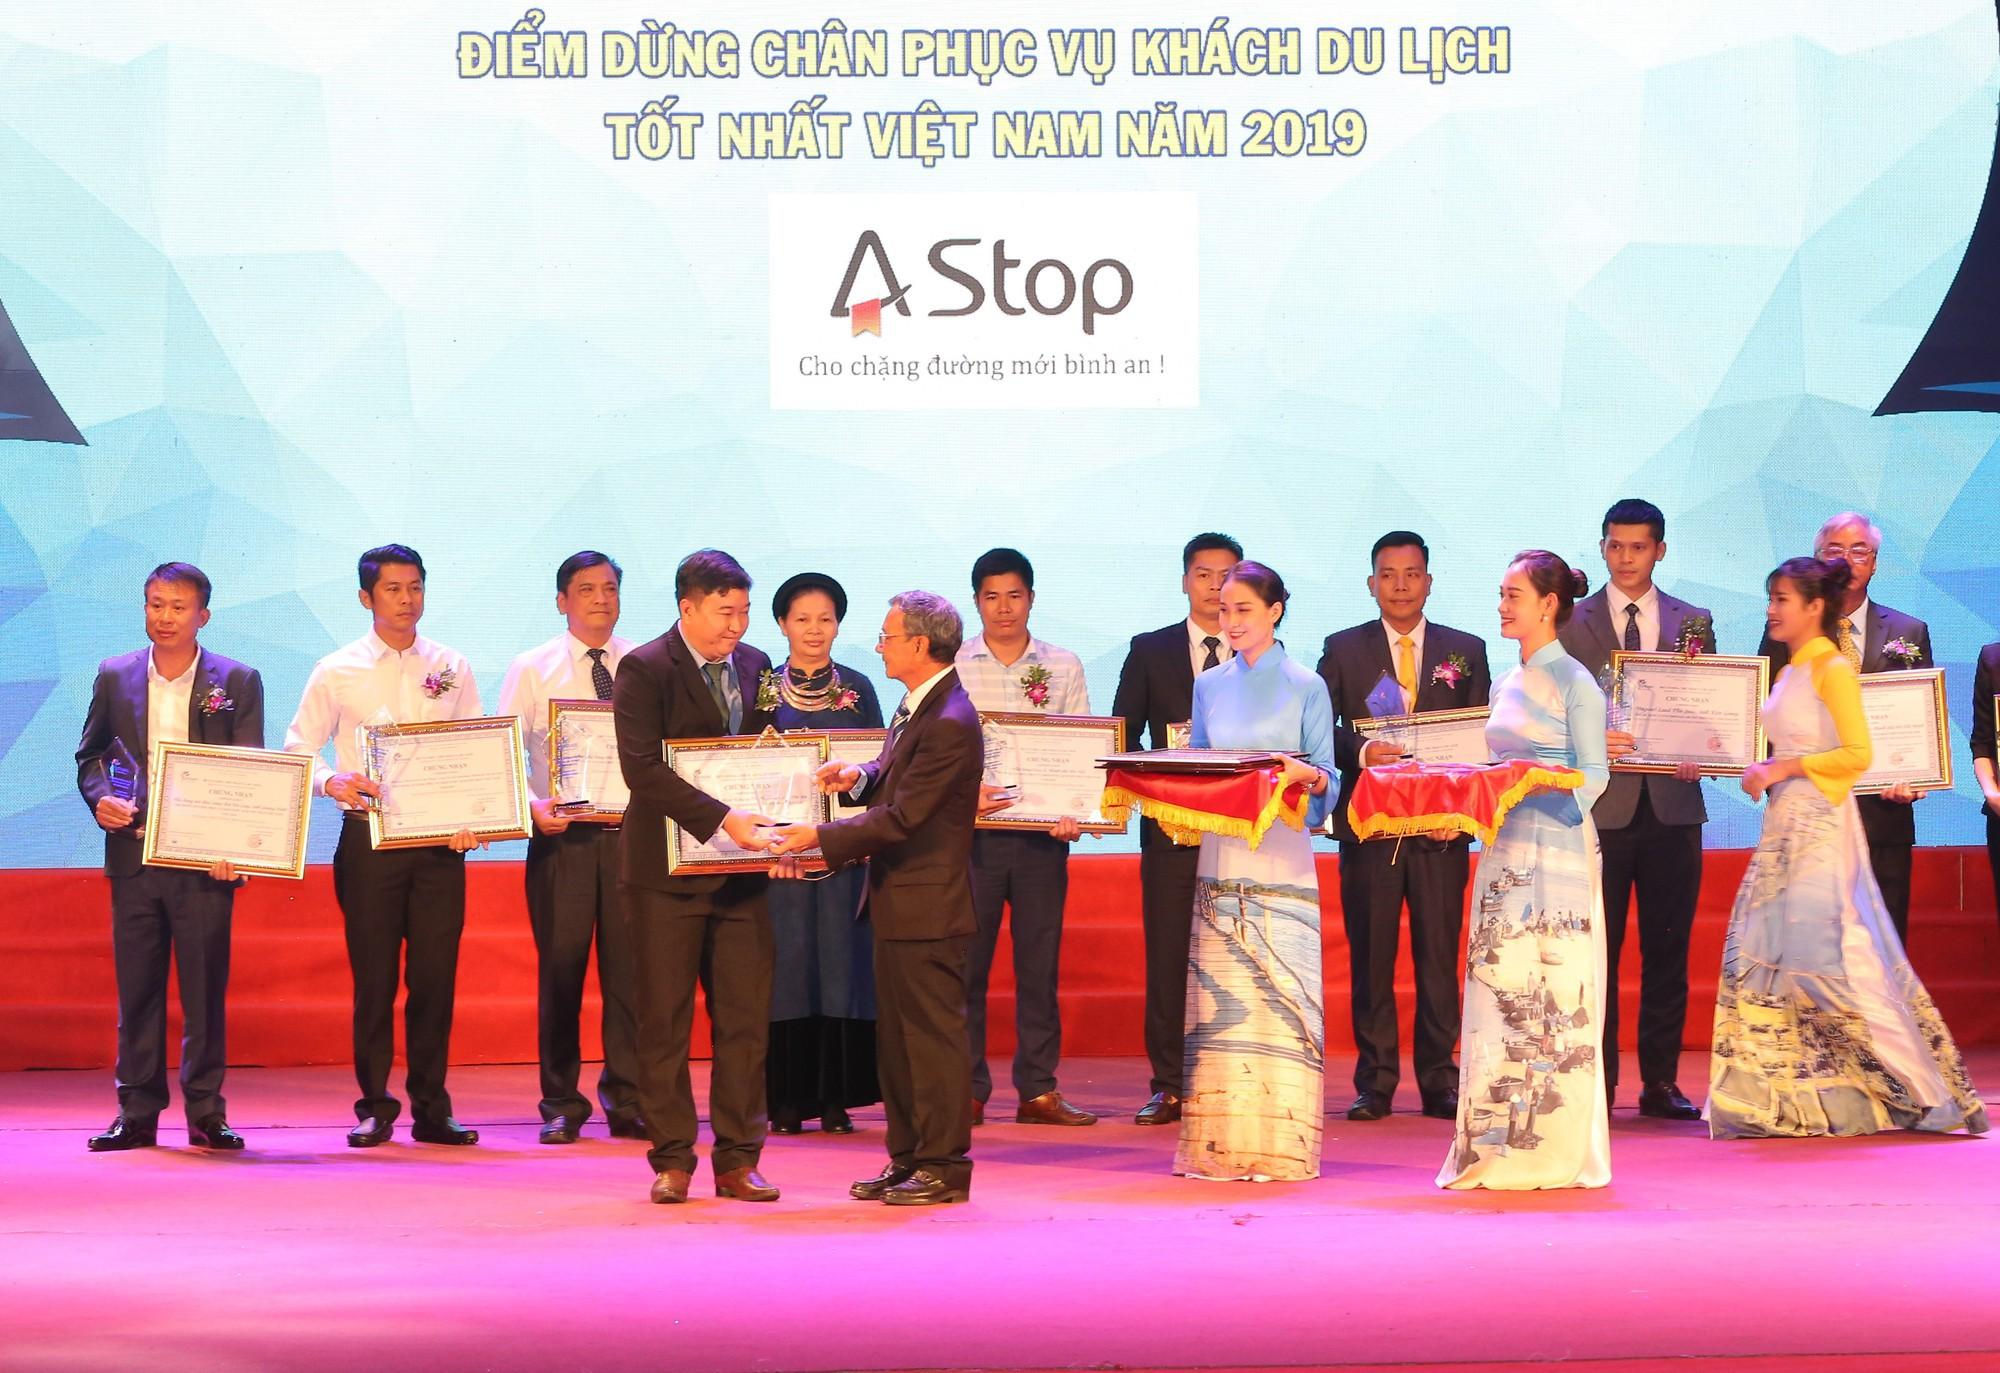 Chủ tịch Hiệp hội Du lịch Việt Nam Nguyễn Hữu Thọ trao giải cho các doanh nghiệp kinh doanh điểm dừng chân phục vụ khách du lịch.